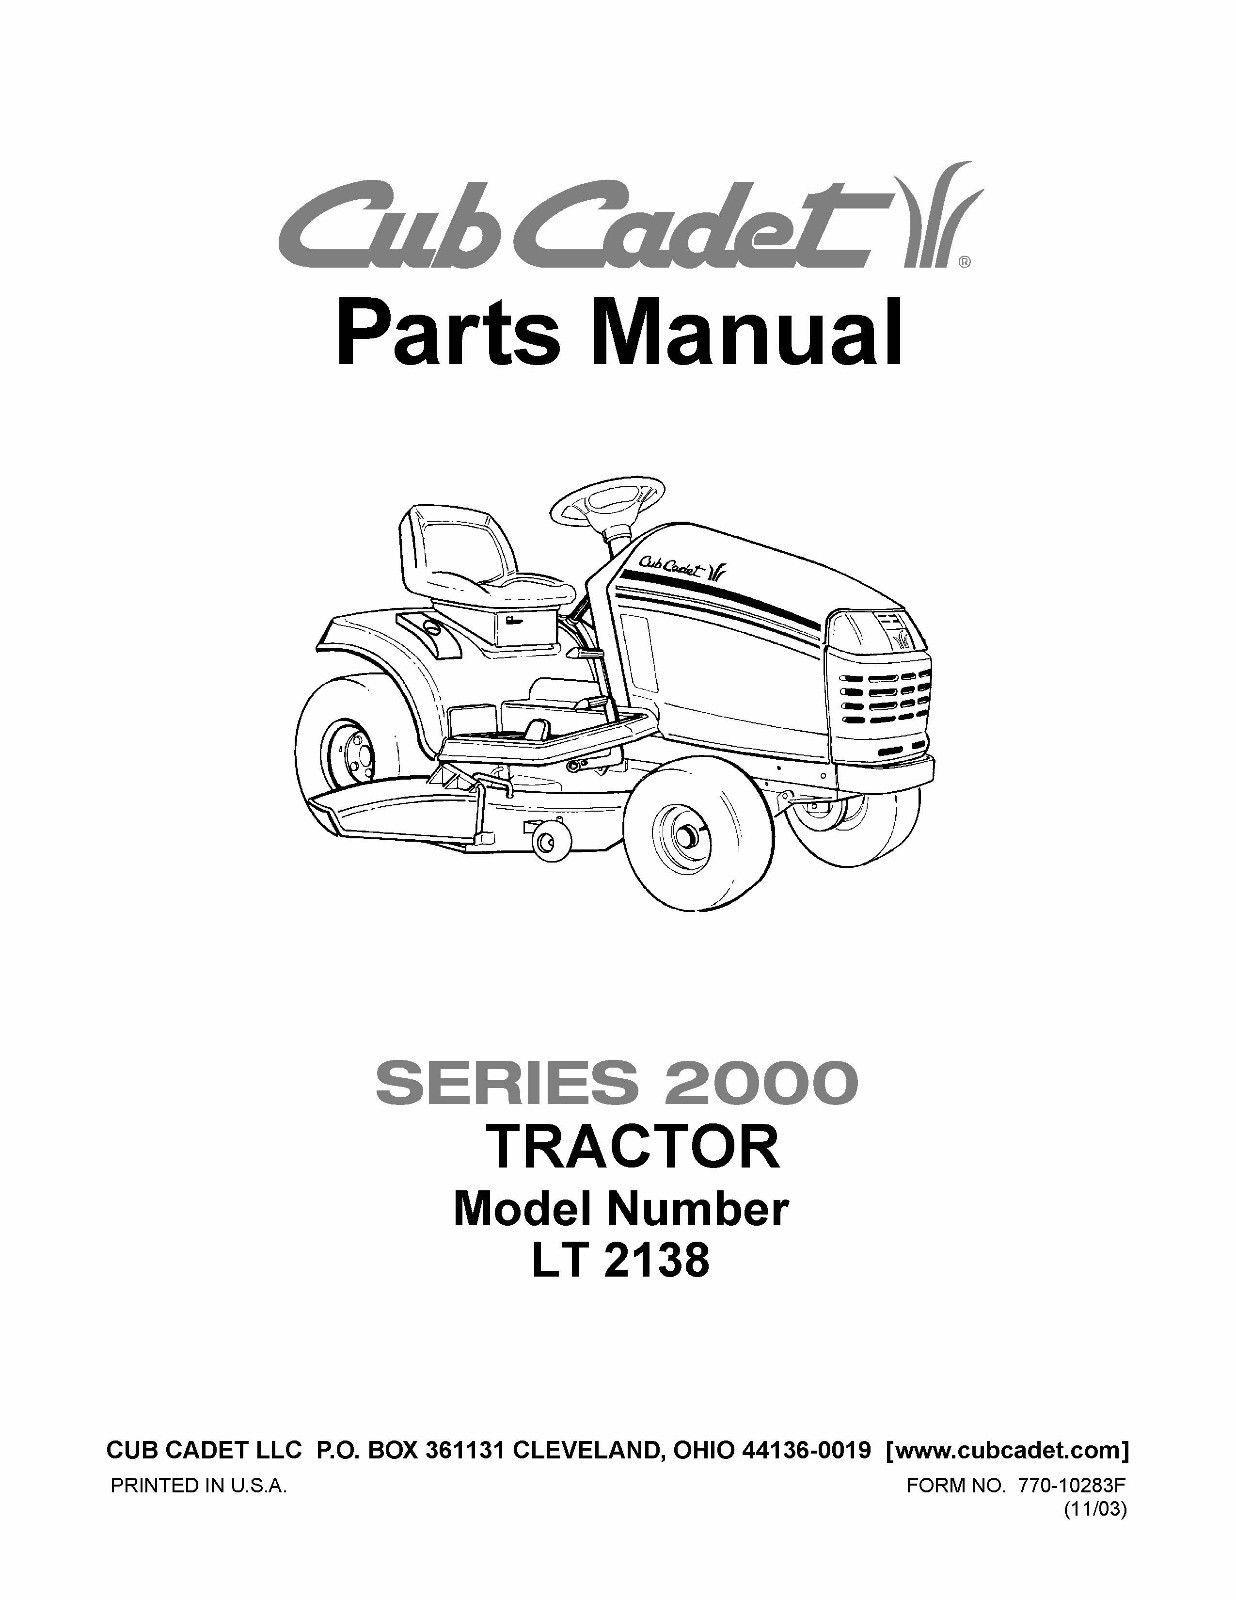 Cub Cadet Parts Manual Model No. LT 2138